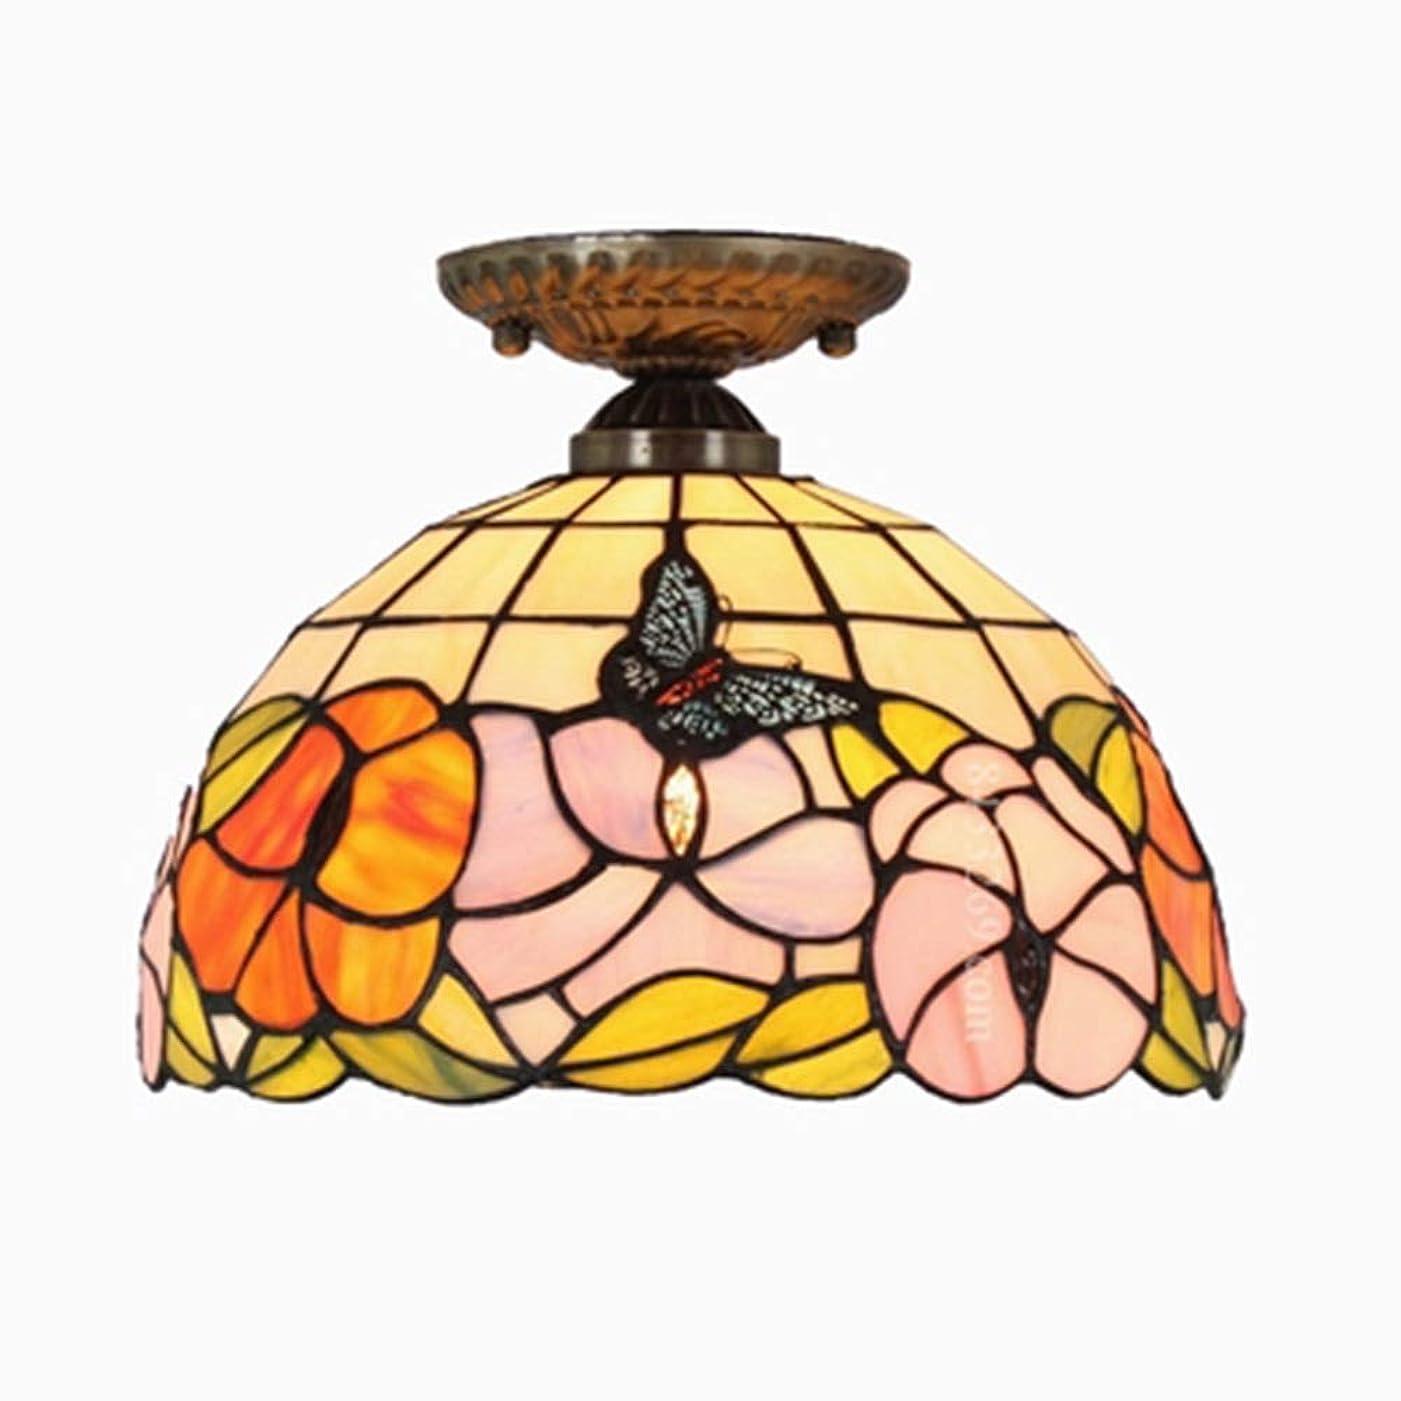 拍手精神スペシャリスト手作りの天井ランプステンドグラスフラワーデザイン柄、12インチ人気スタイルガラス天井ランプ用家の装飾